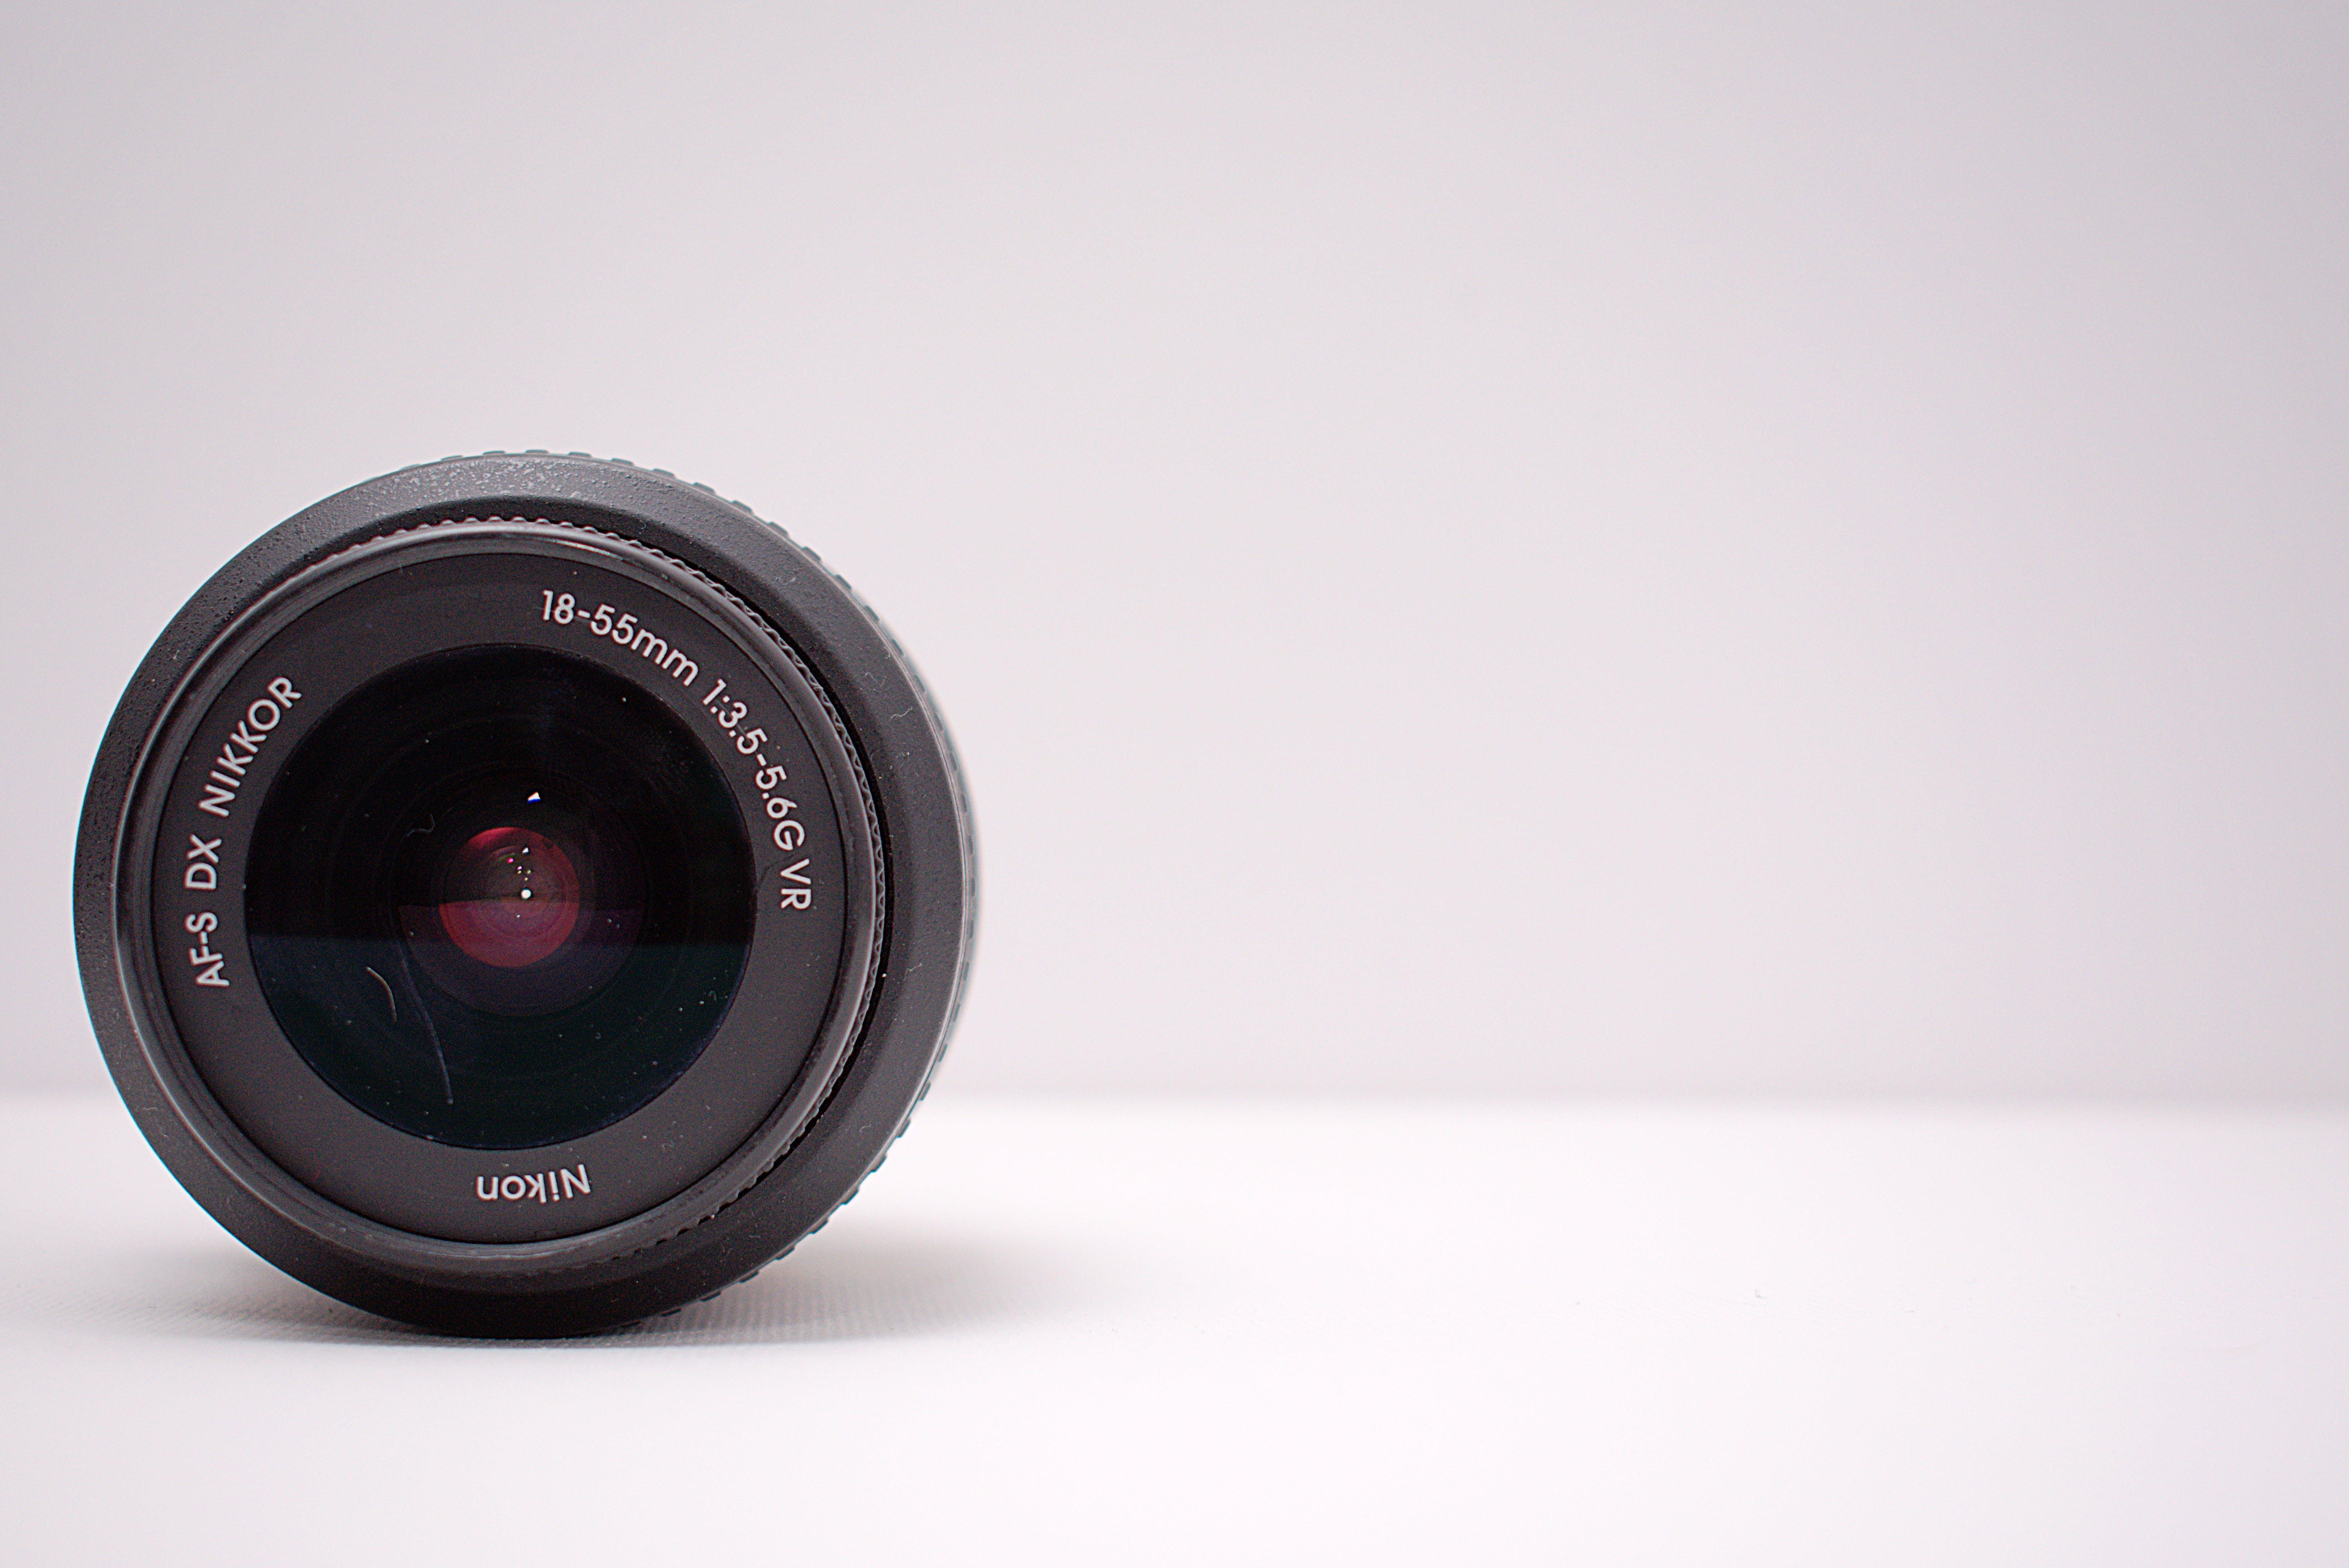 Closeup Photo of Camera Lens